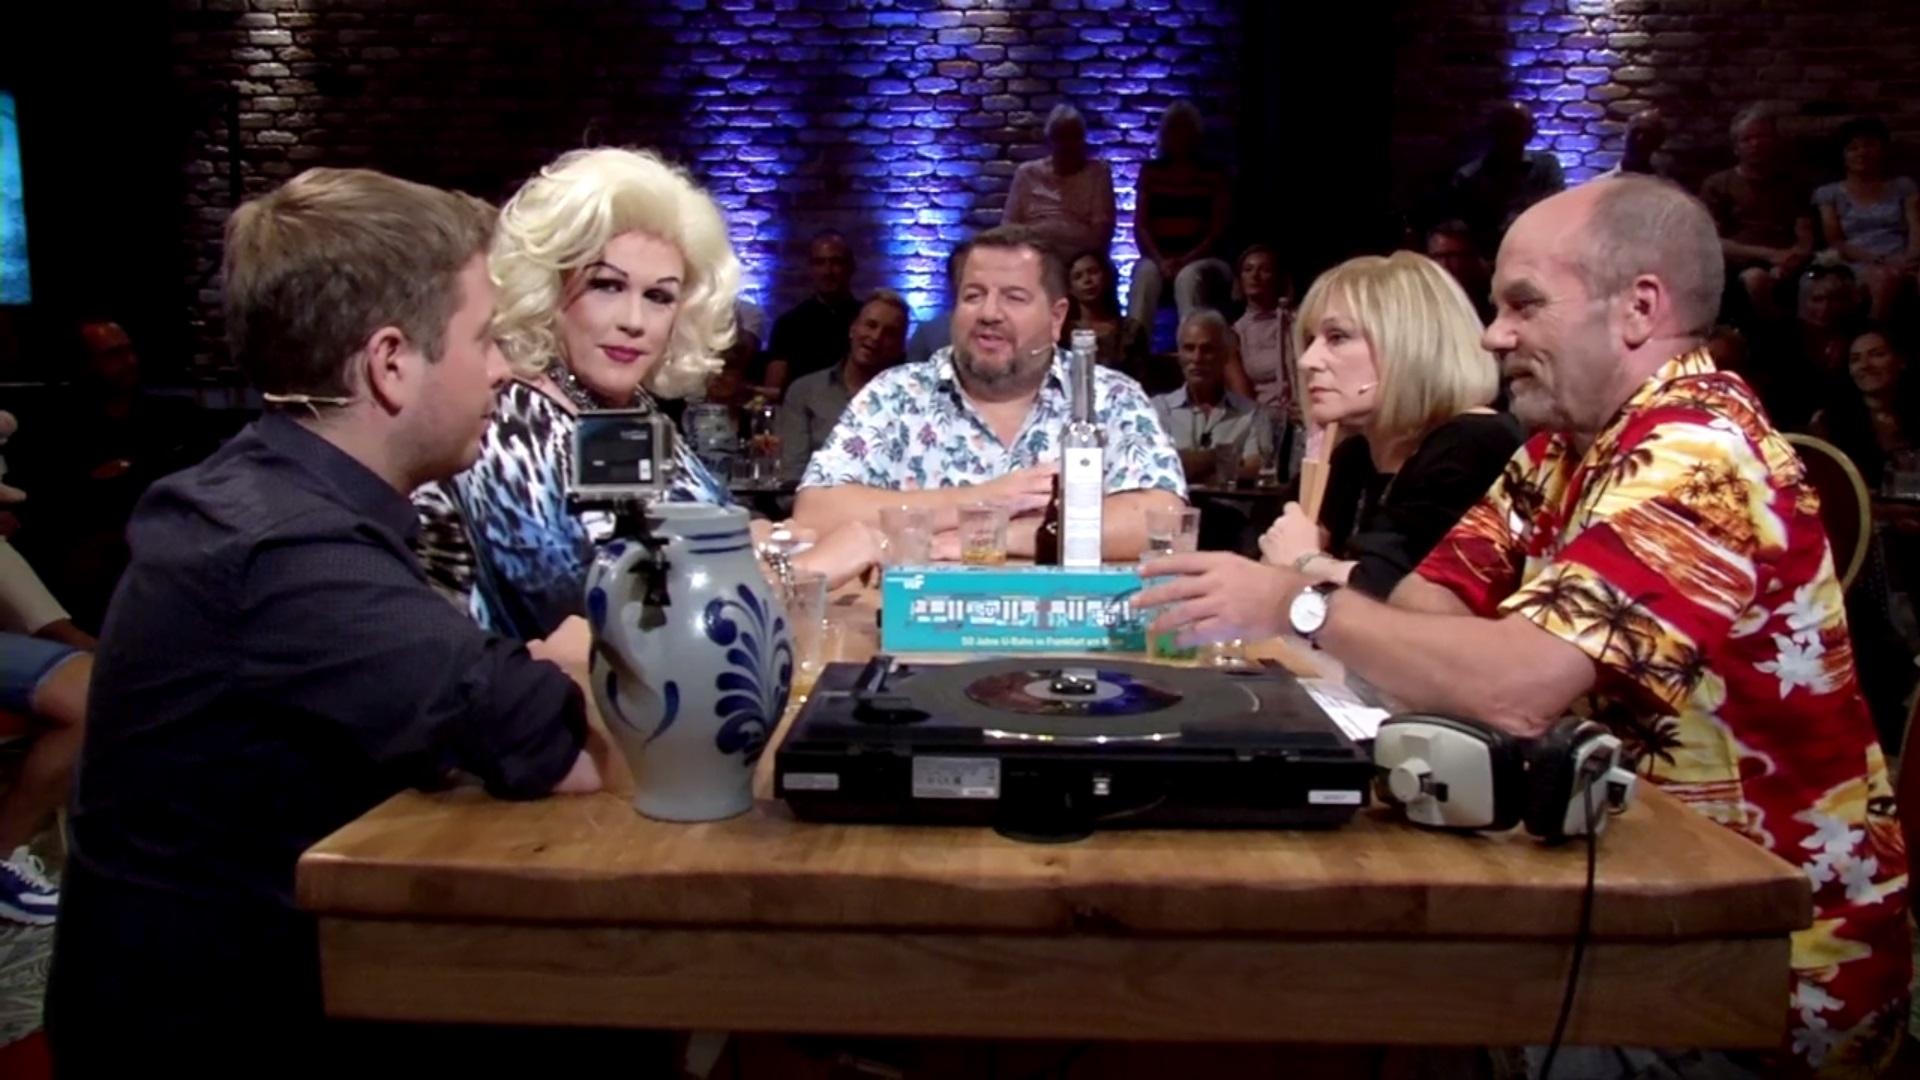 Bembel & Gebabbel – Folge 36 mit Mary Roos, Kevin Kühnert, Elke Winter & Udo Lindenbergb